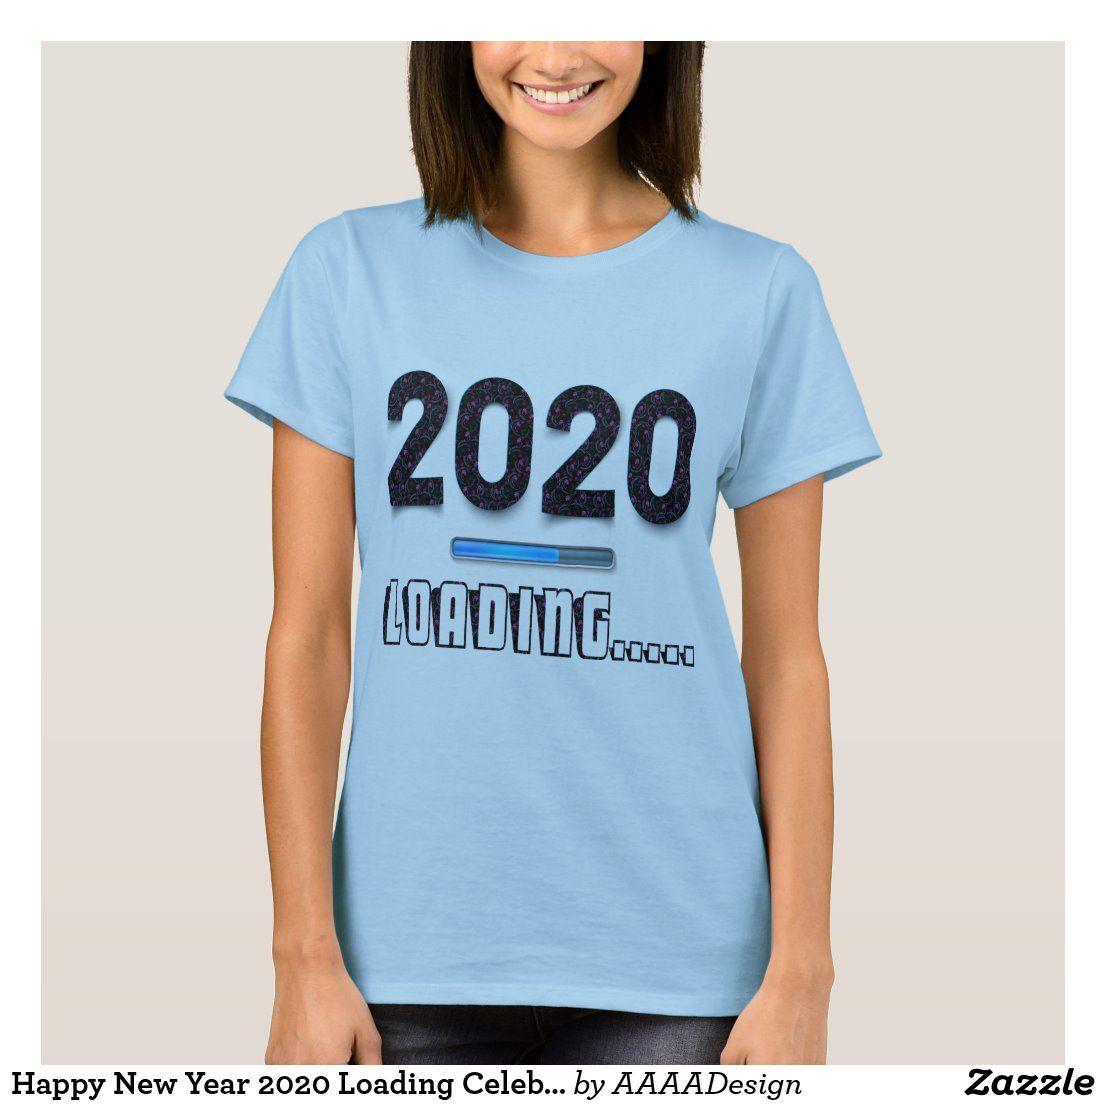 Happy New Year 2020 Loading Celebration TShirt Zazzle